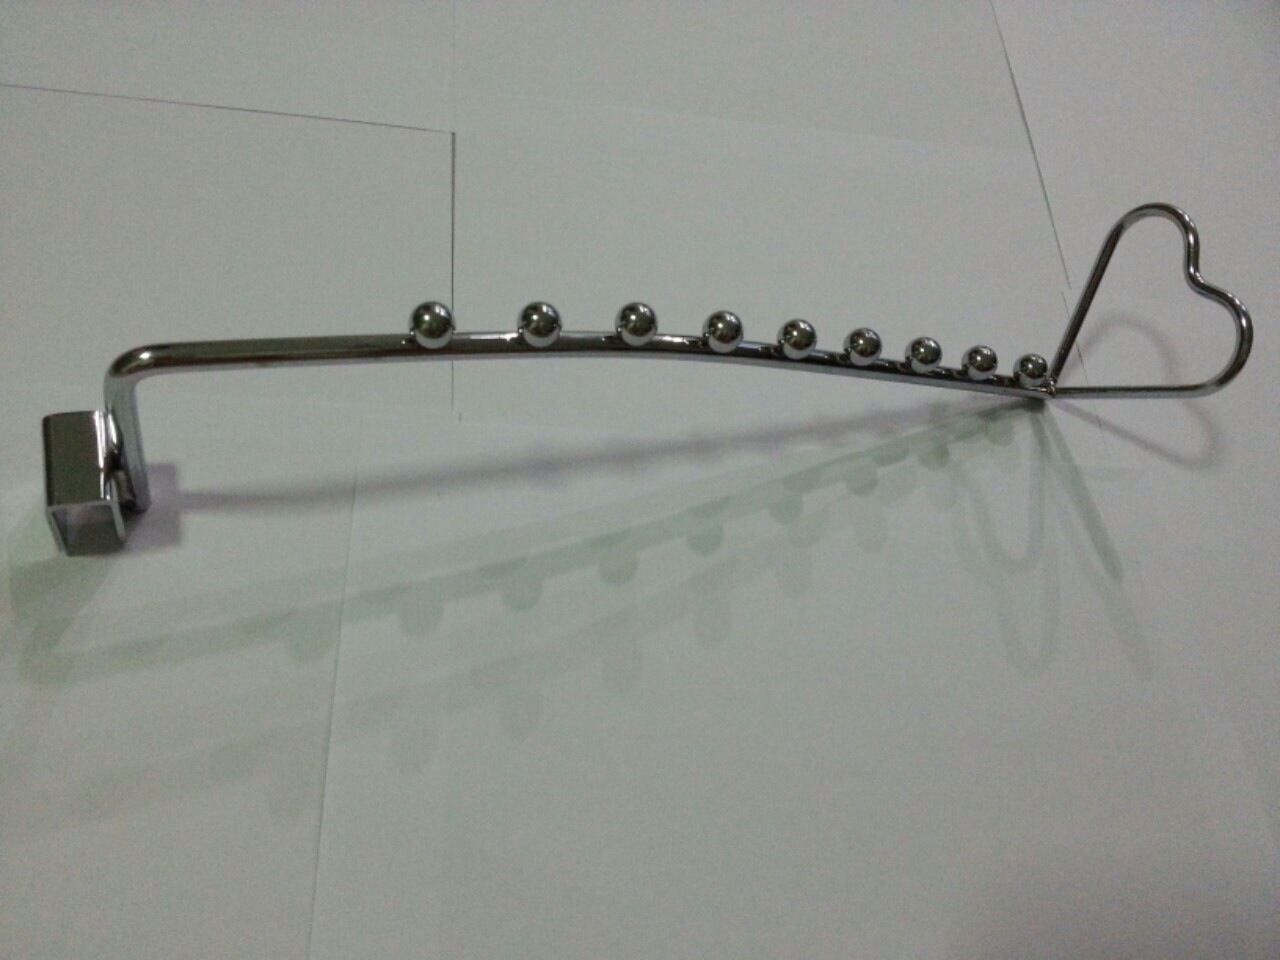 แขนเกี่ยว รูปหัวใจ 9 ปุ่ม (ใช้ร่วมกับแป๊บเหลี่ยม) ขายส่งยกกระสอบ